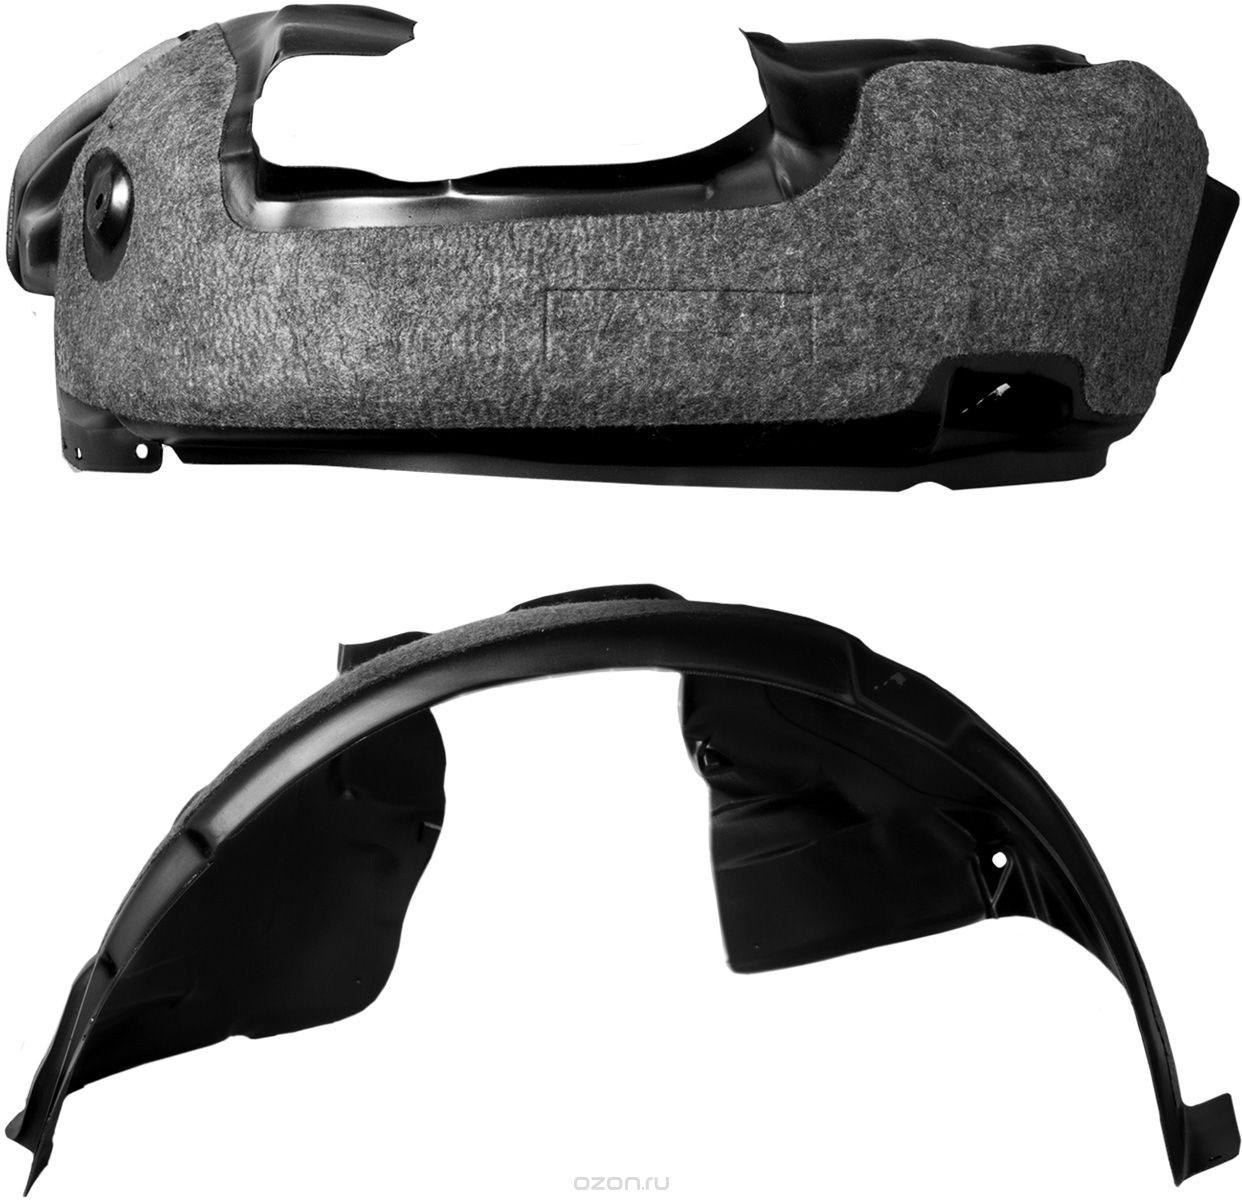 Подкрылок Novline-Autofamily, с шумоизоляцией, для CHERY Tiggo 5 FL, 2016->, кроссовер, передний правыйSS 4041Идеальная защита колесной ниши. Локеры разработаны с применением цифровых технологий, гарантируют максимальную повторяемость поверхности арки. Изделия устанавливаются без нарушения лакокрасочного покрытия автомобиля, каждый подкрылок комплектуется крепежом. Уважаемые клиенты, обращаем ваше внимание, что фотографии на подкрылки универсальные и не отражают реальную форму изделия. При этом само изделие идет точно под размер указанного автомобиля.